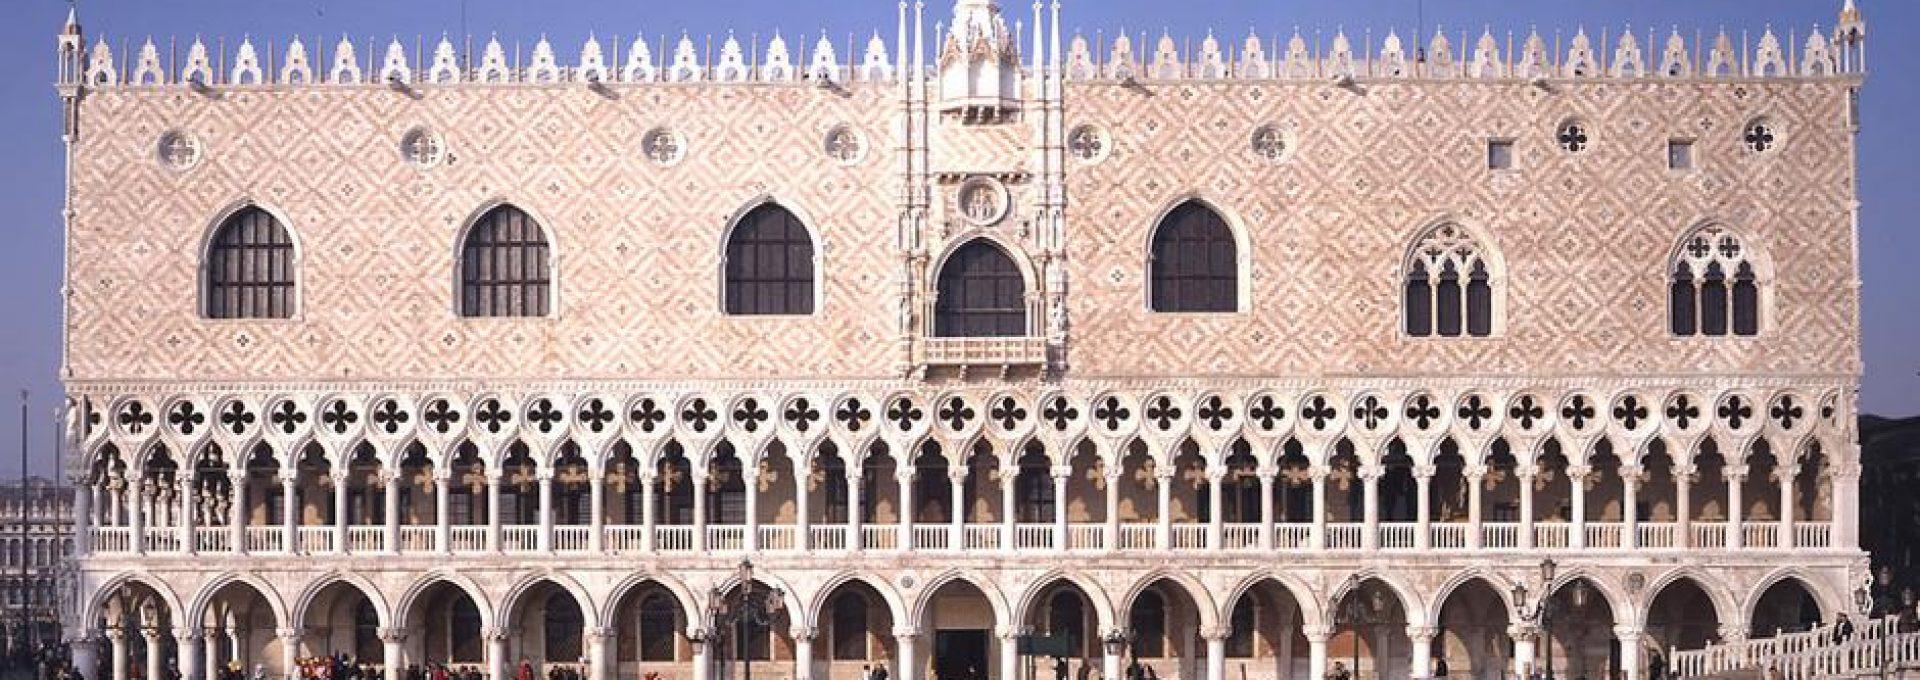 palazzo ducale facciata sud